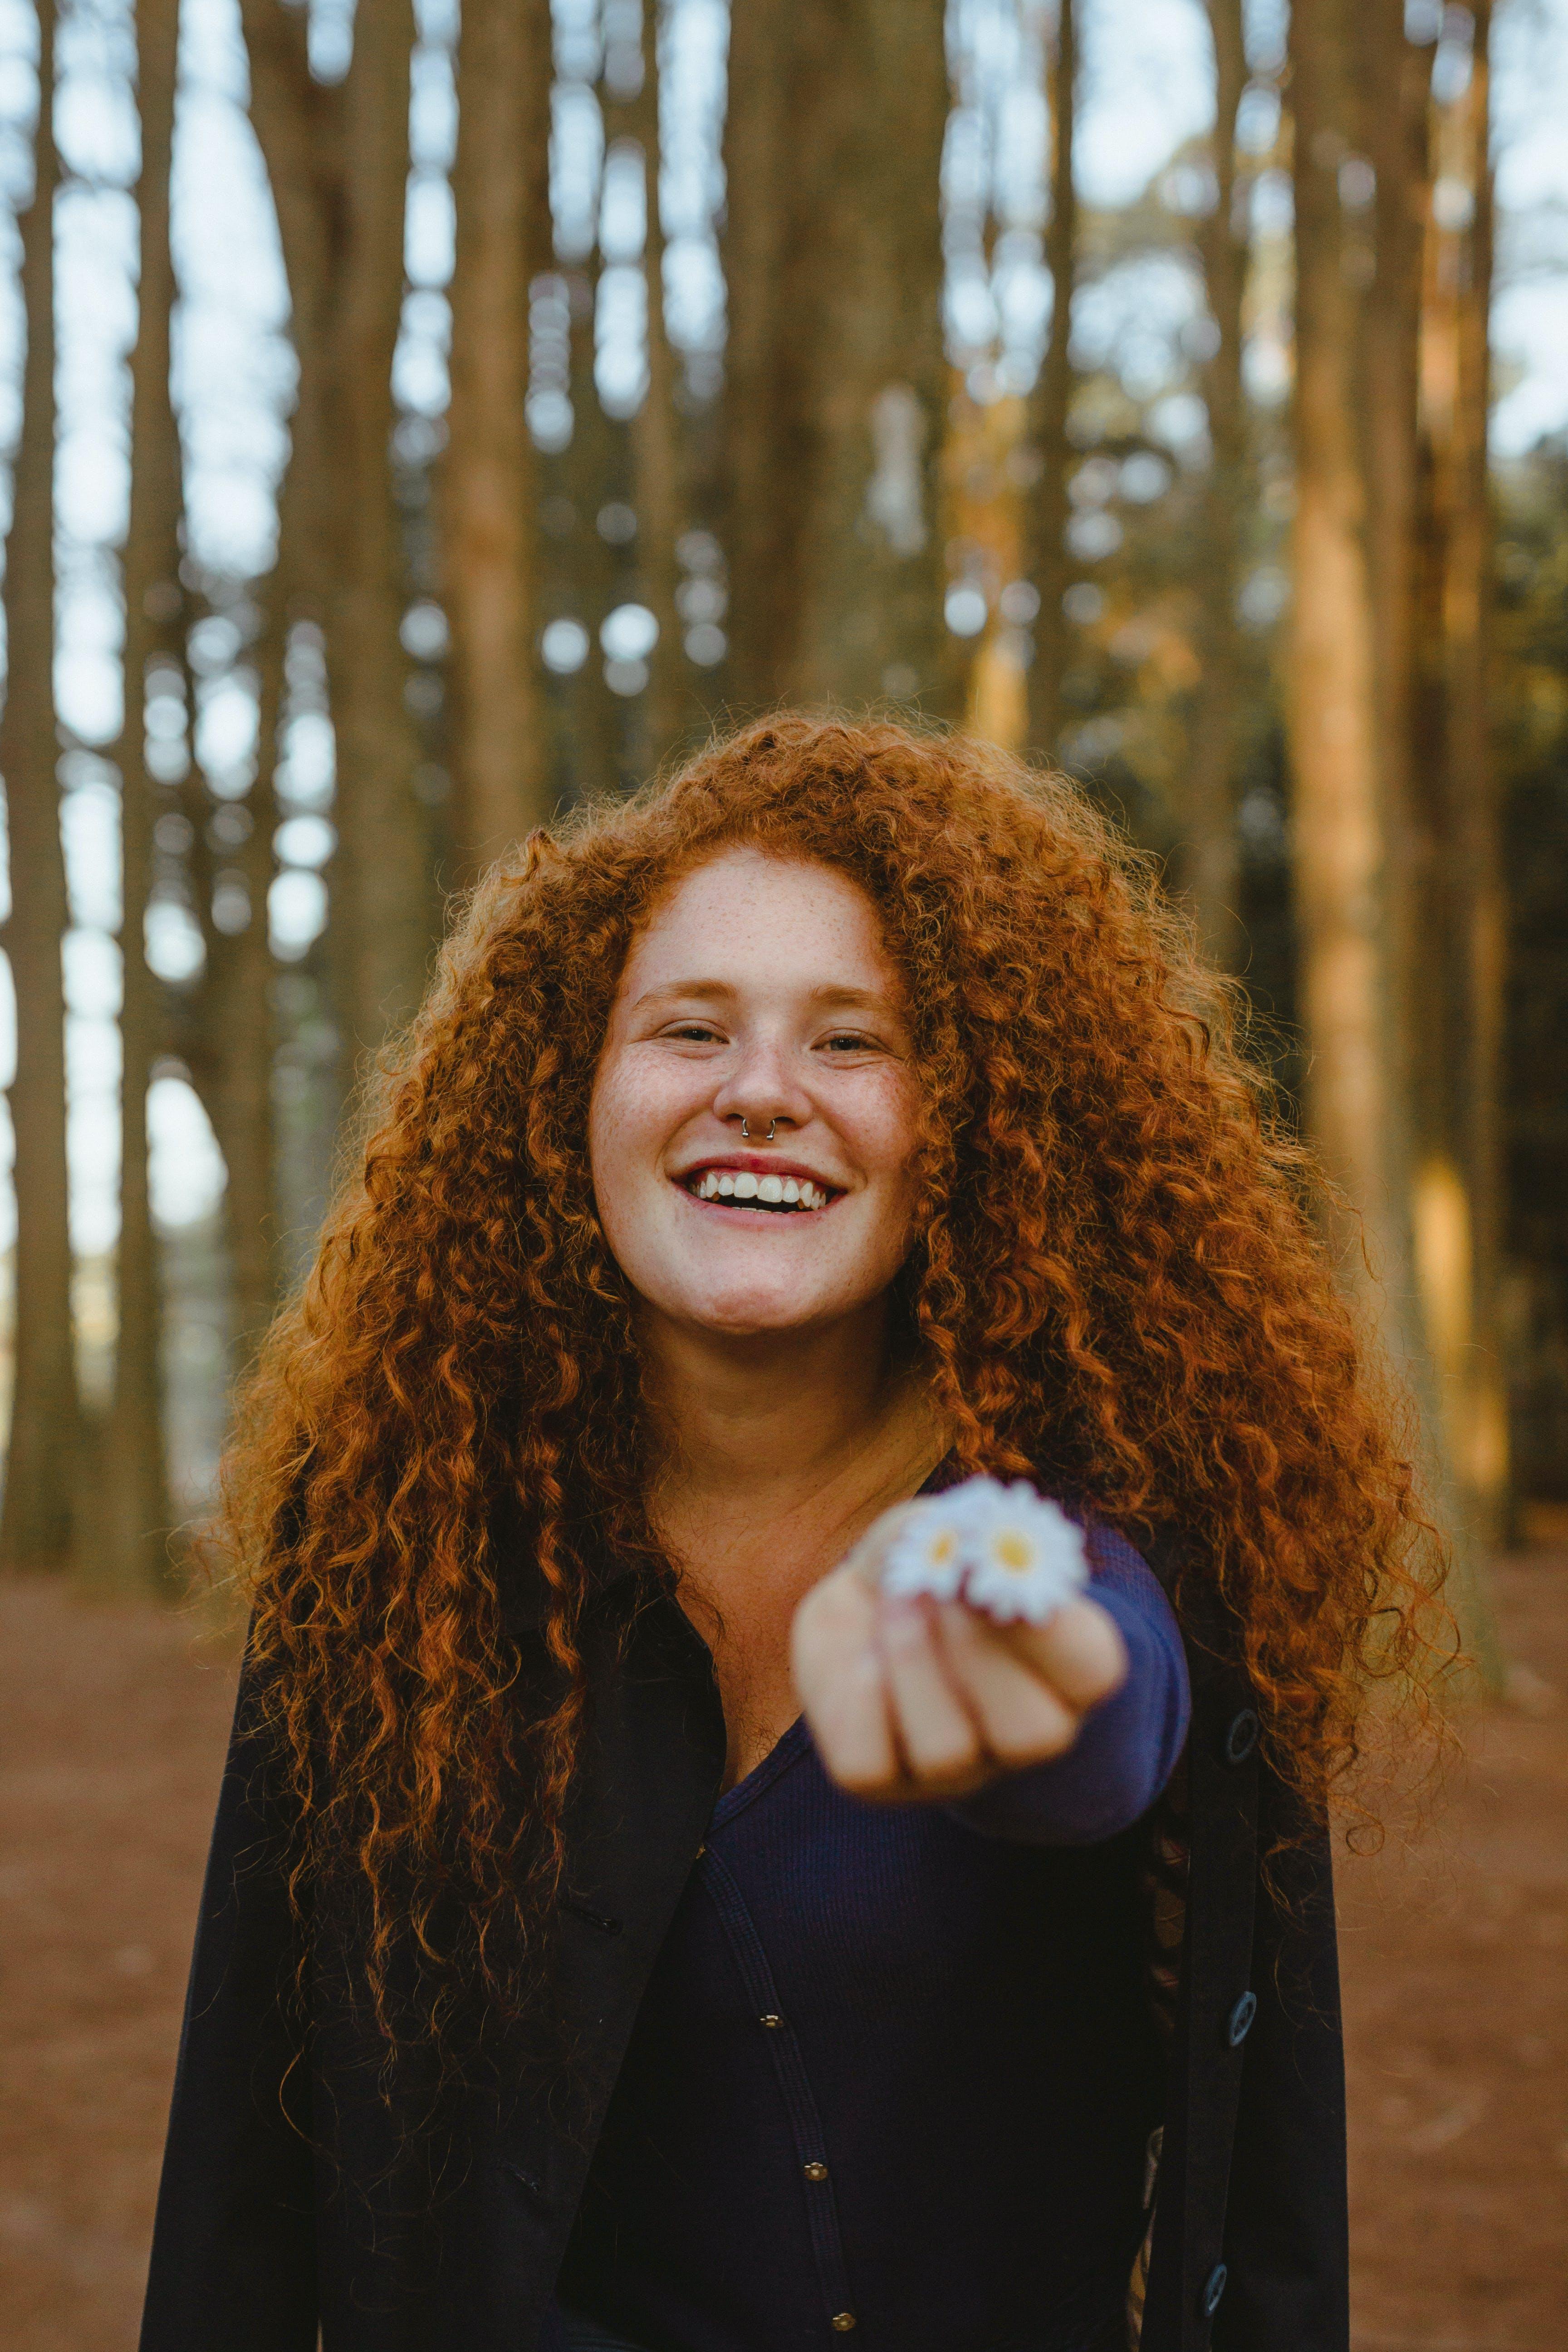 Ilmainen kuvapankkikuva tunnisteilla hymyily, ilme, kaunis nainen, lähikuva